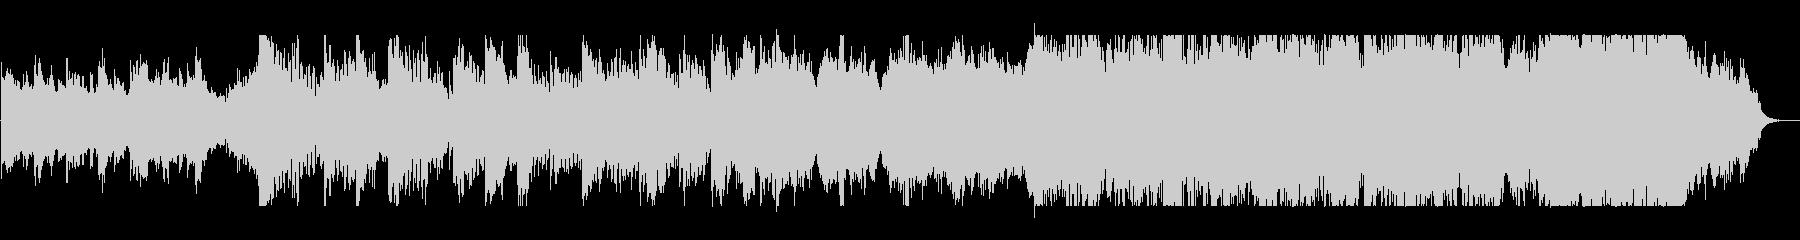 スケール感のある情熱的なピアノ曲の未再生の波形